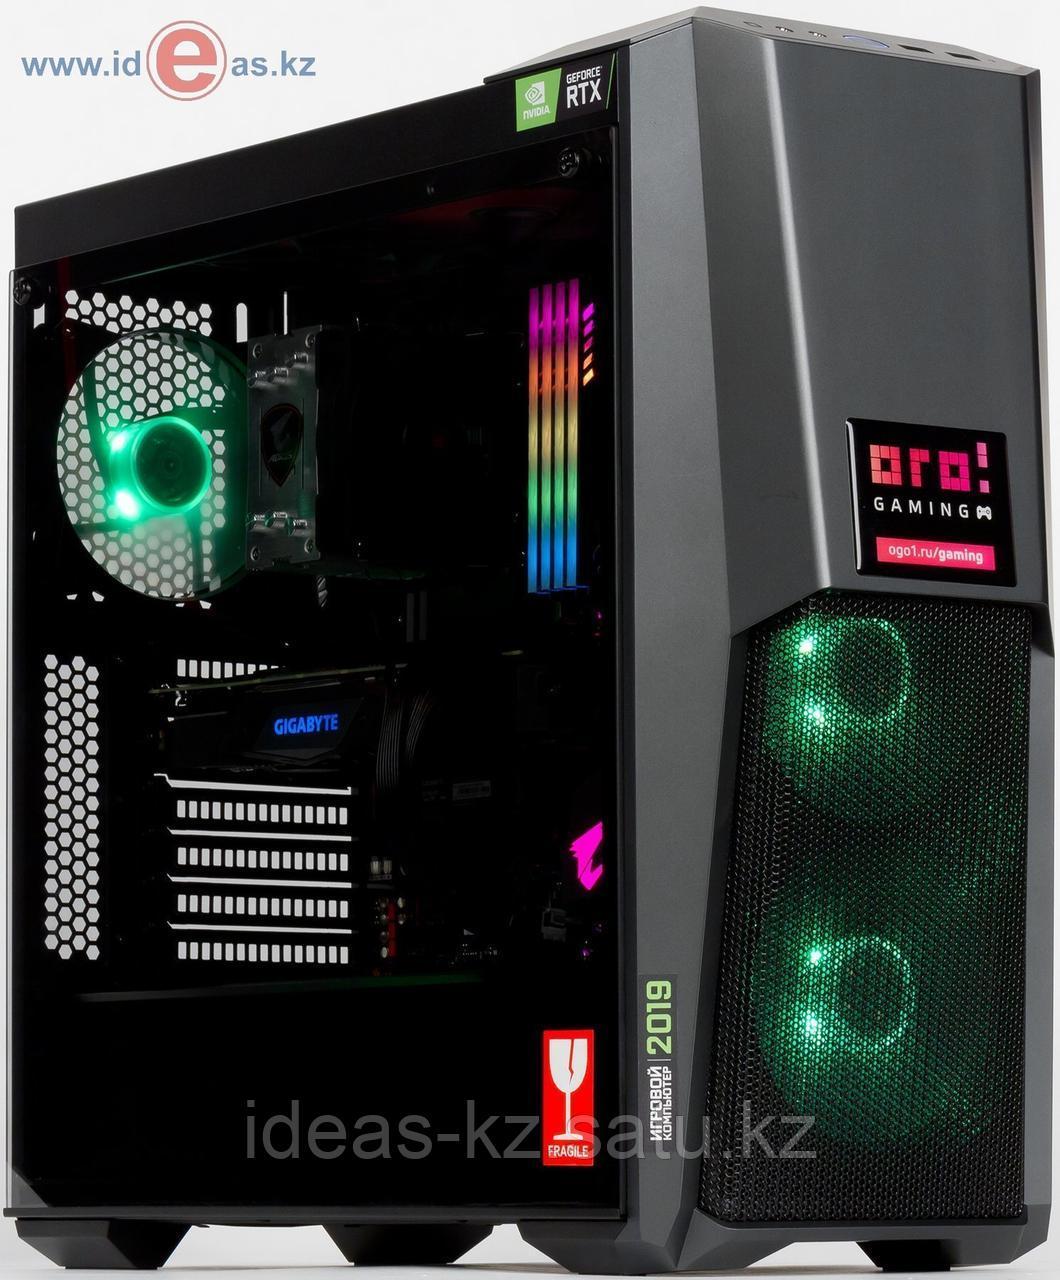 Игровой компьютер Gamer-41, Intel Core i5 9400F / Biostar B365MHC/ DDR4 16GB 2666 (8*2)/  SSD NVME 256GB/ HDD